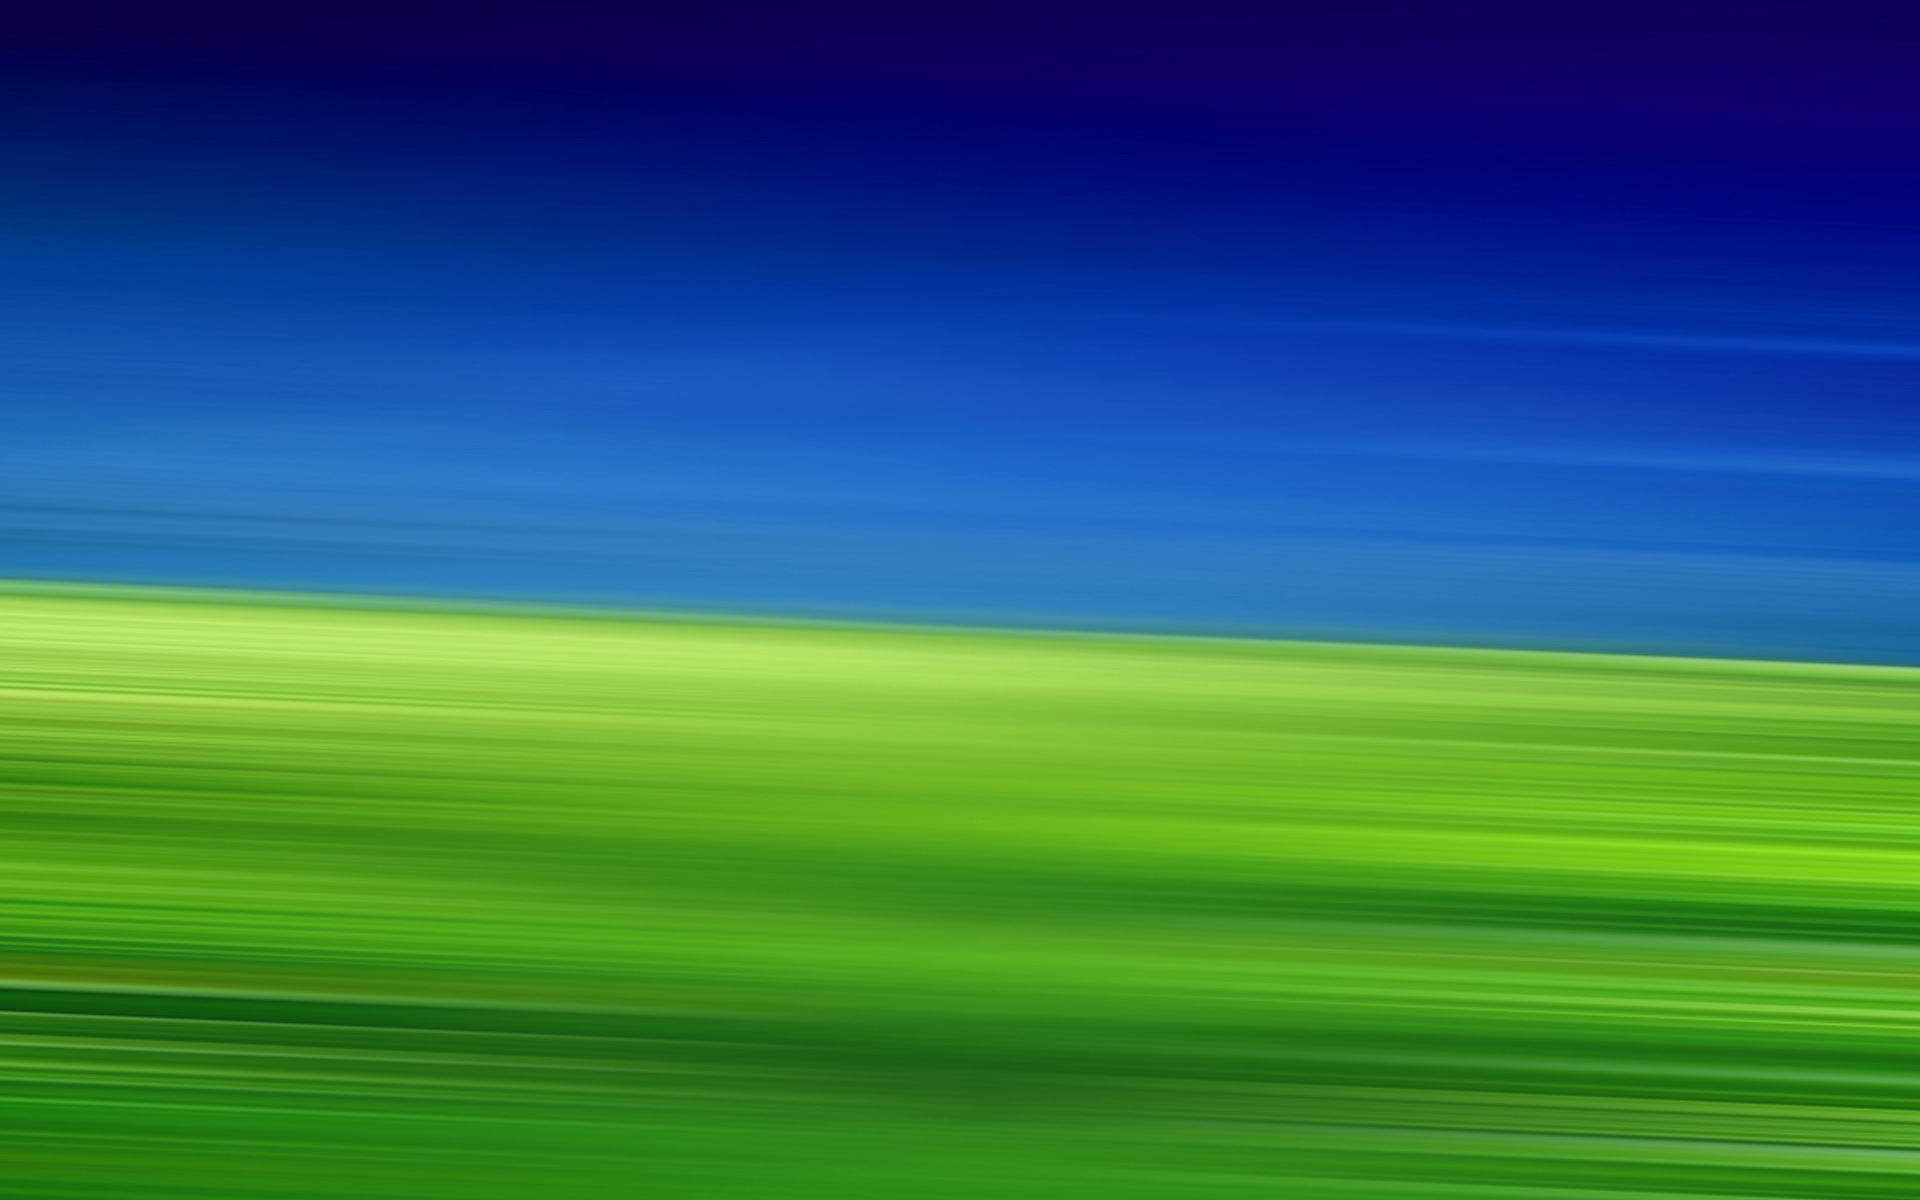 dark blue wallpaper wallpapers green vista 1920x1200 1920x1200